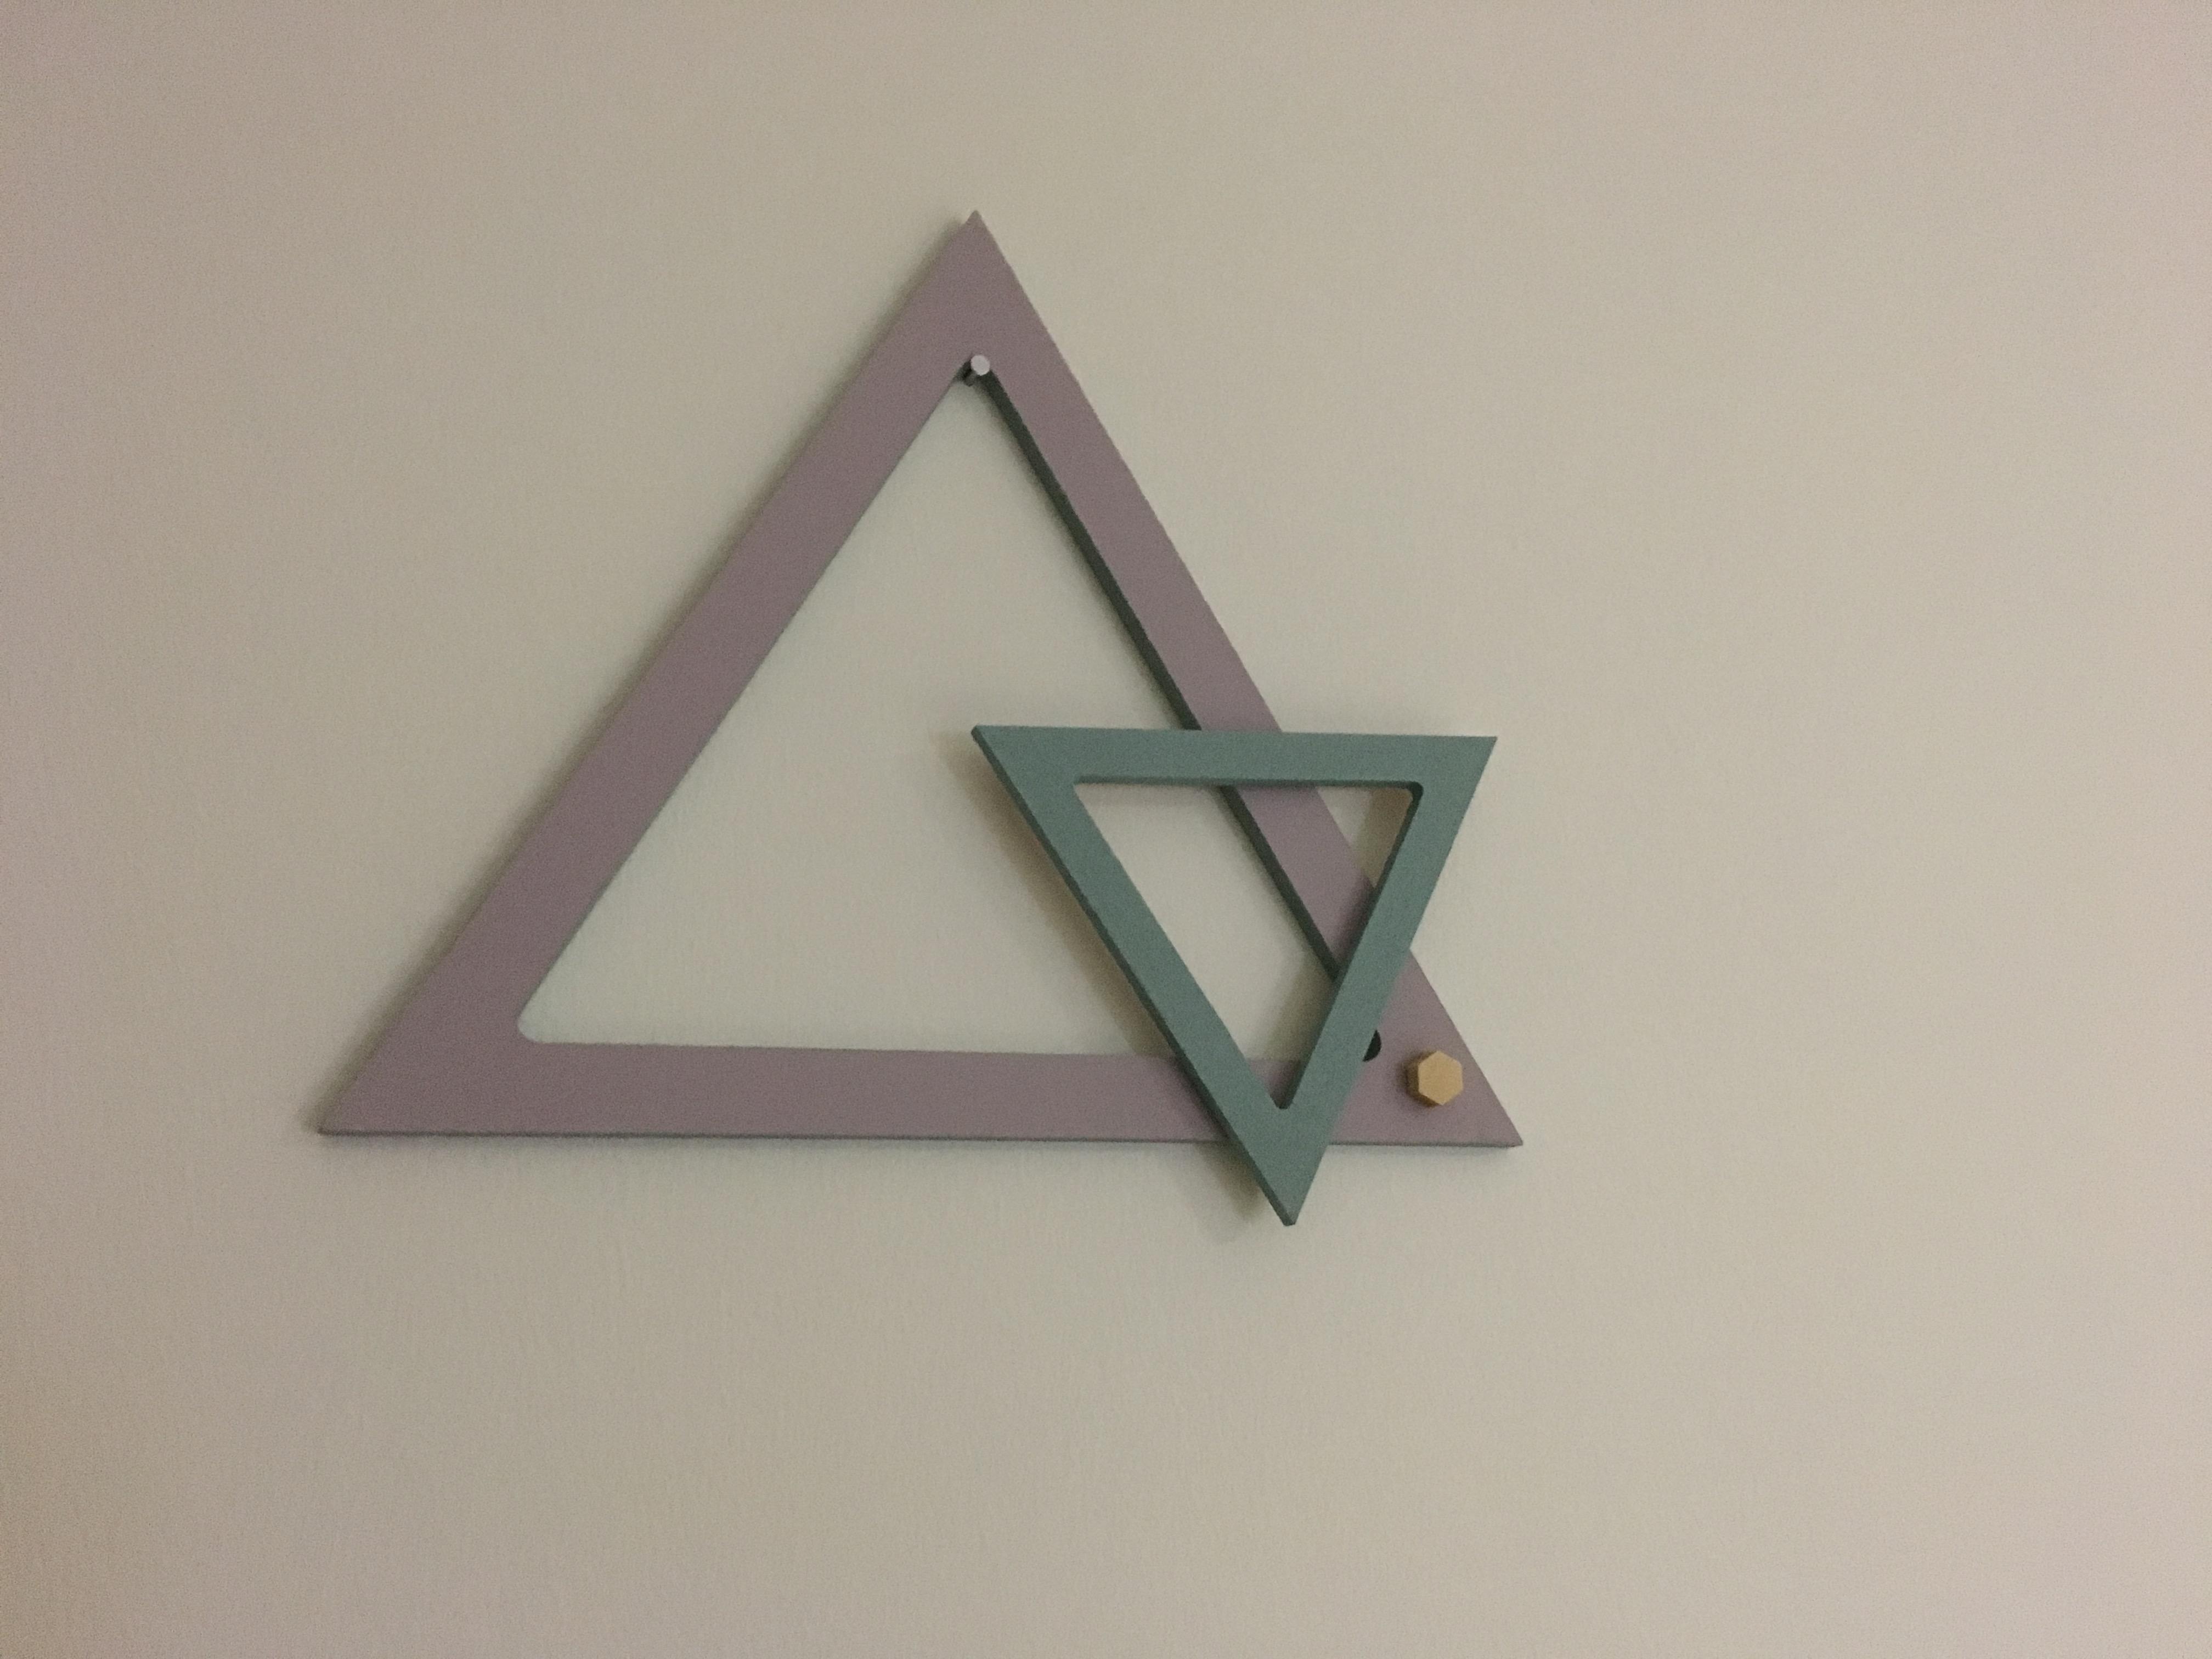 J'ai testé pour vous le triangle évidé 20 cm